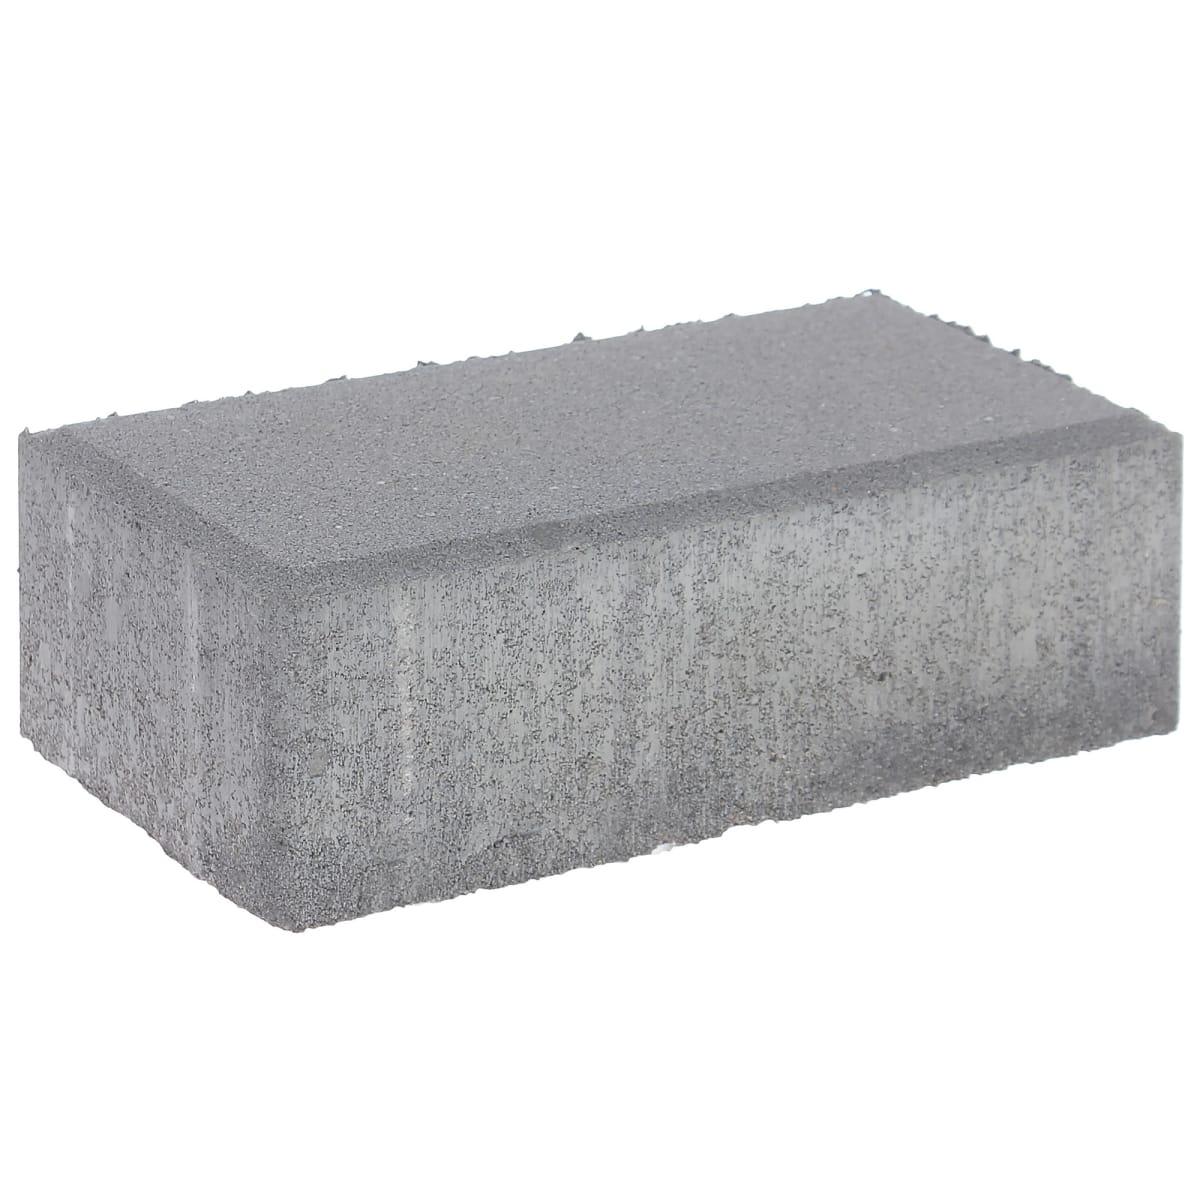 Плитка тротуарная двухслойная Braer 200х100x40 мм цвет серый